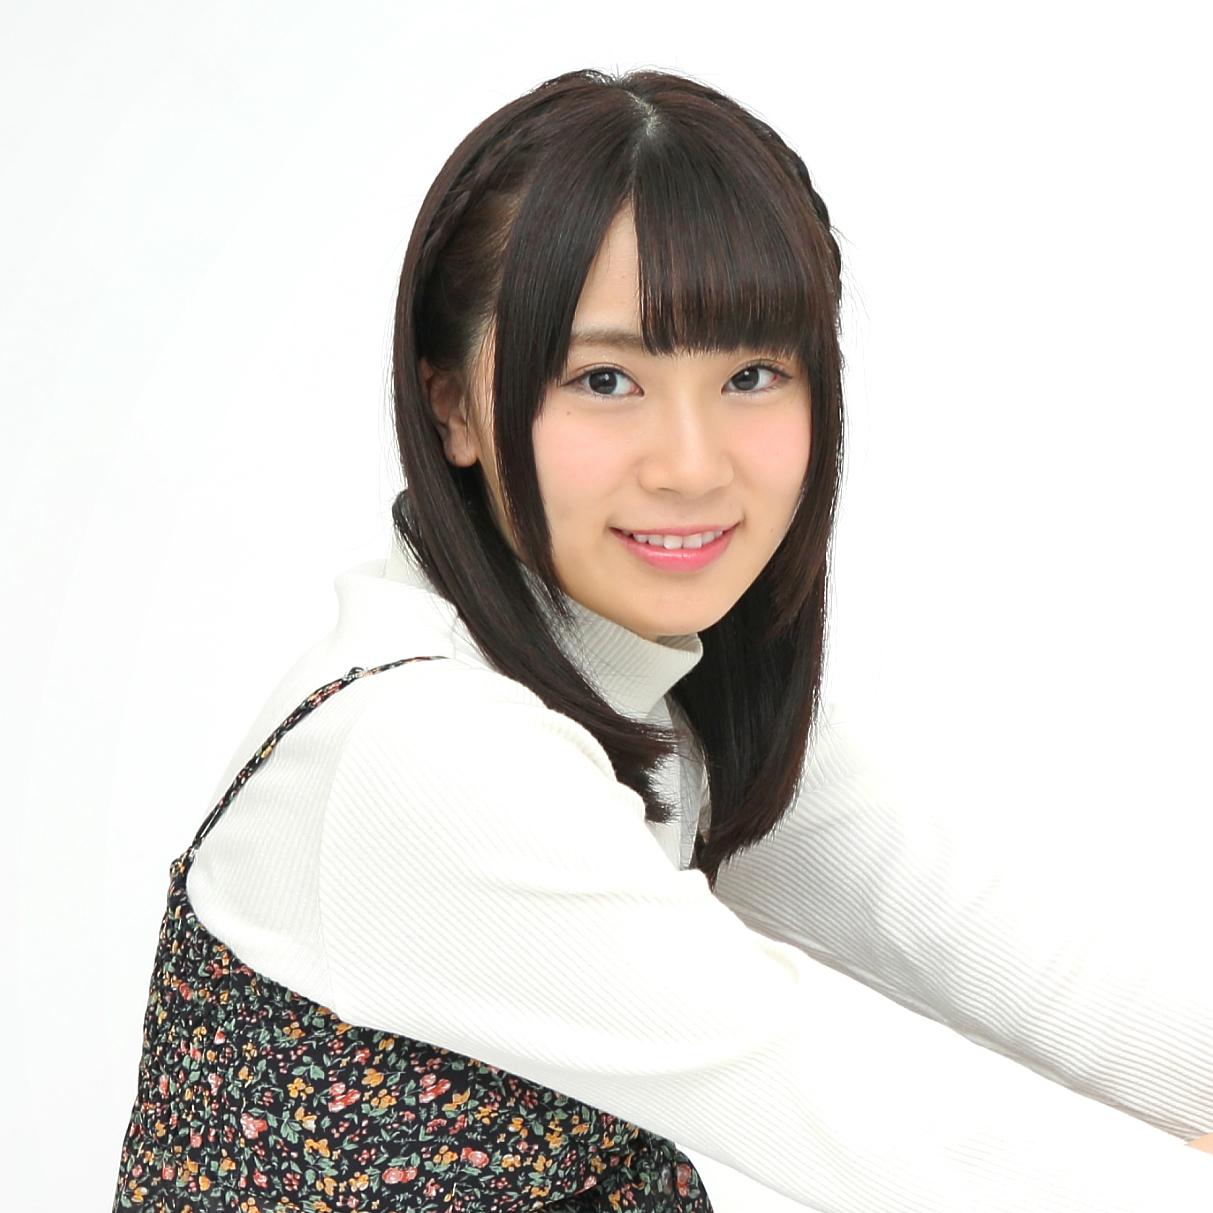 欅坂46メンバーが語る!「なんでもBEST3」<br />第10回 長沢菜々香さんの『好きなアイドルBEST3』